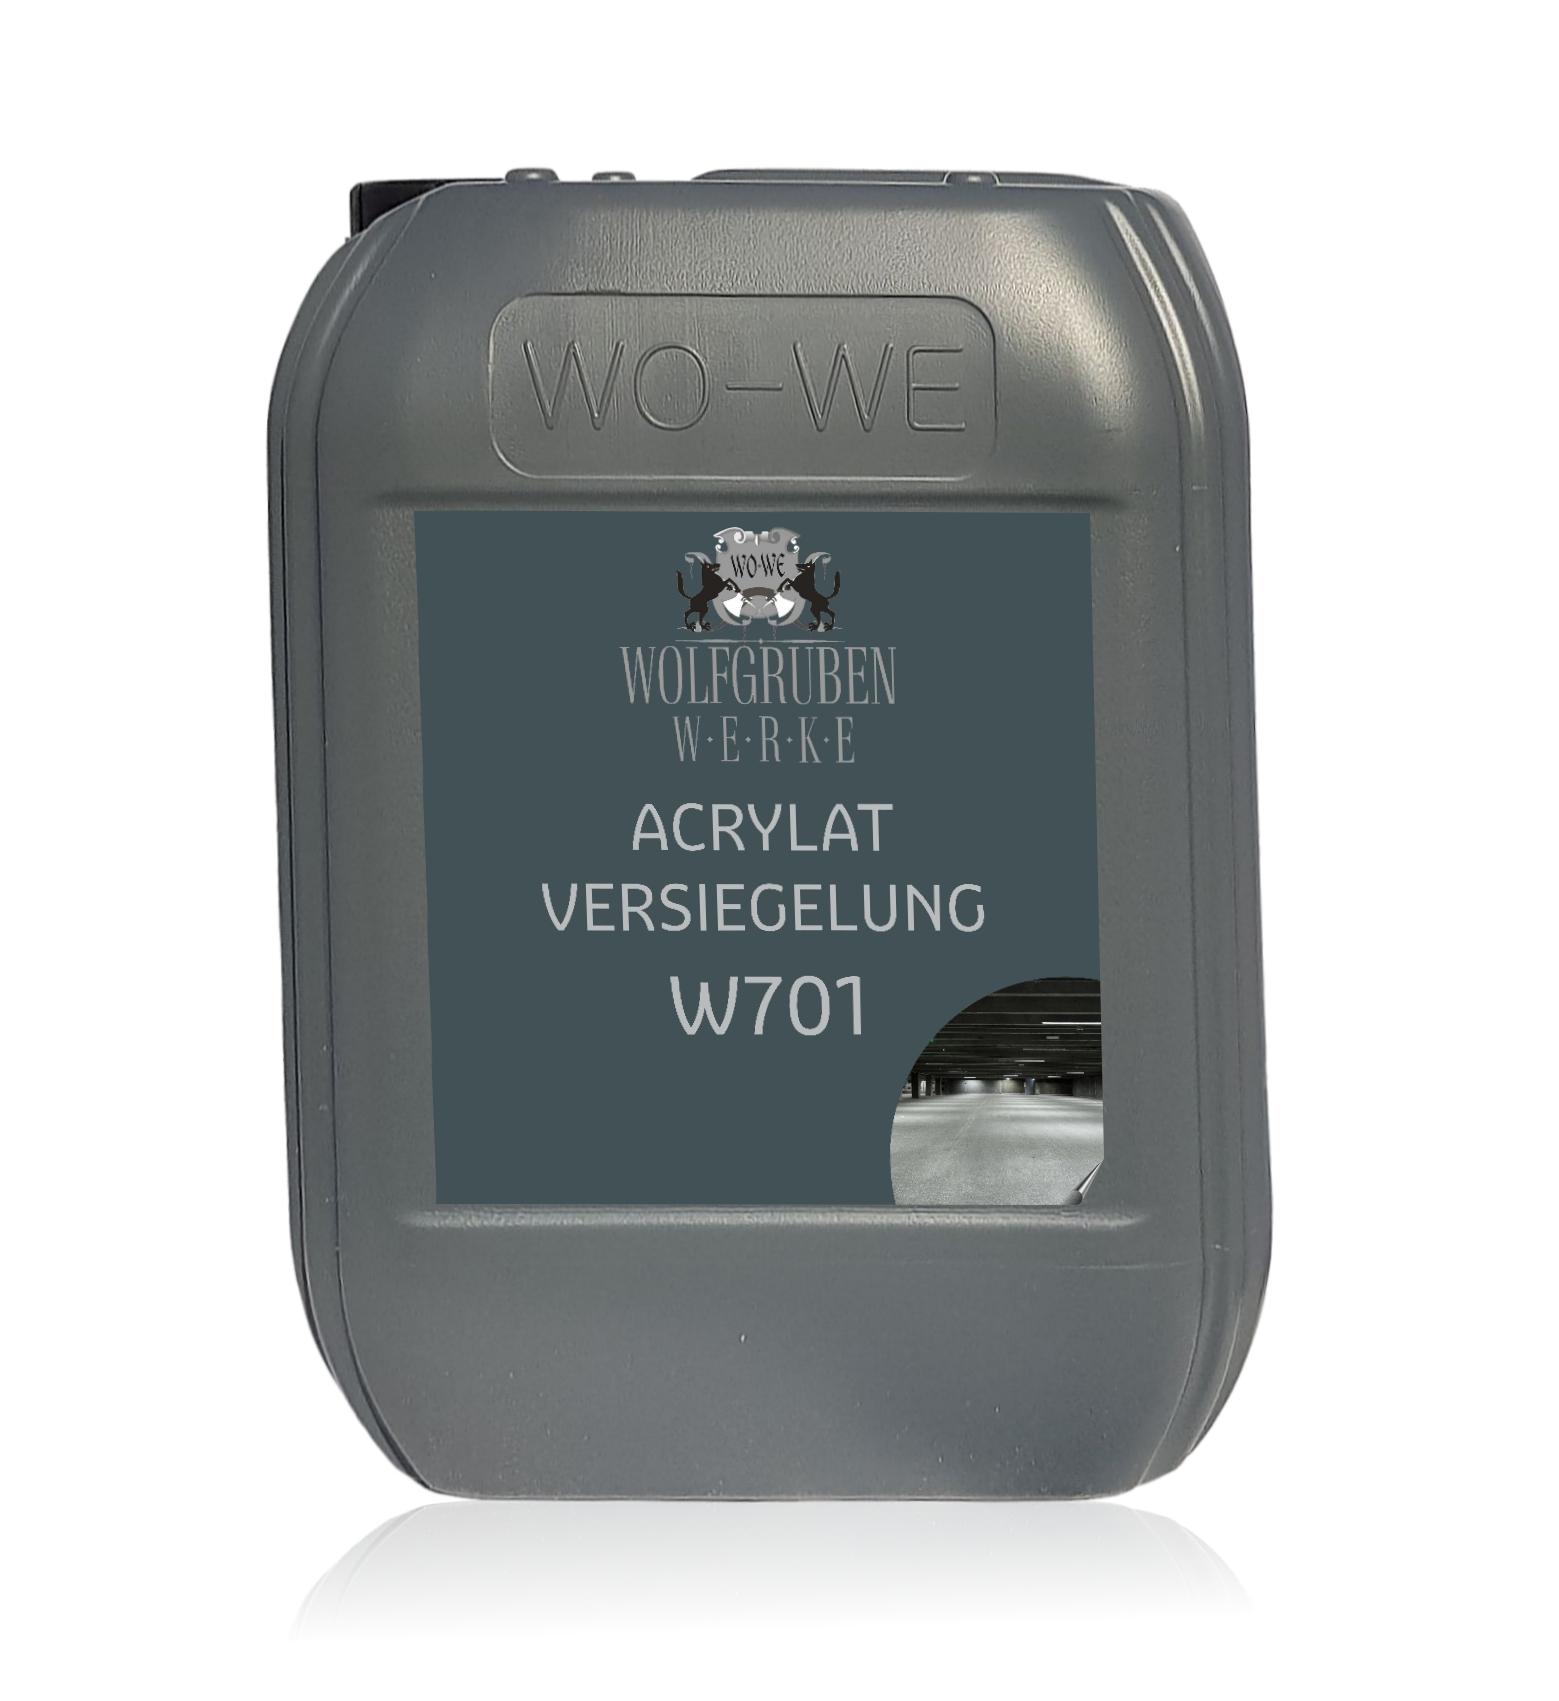 W701.jpg?dl=0